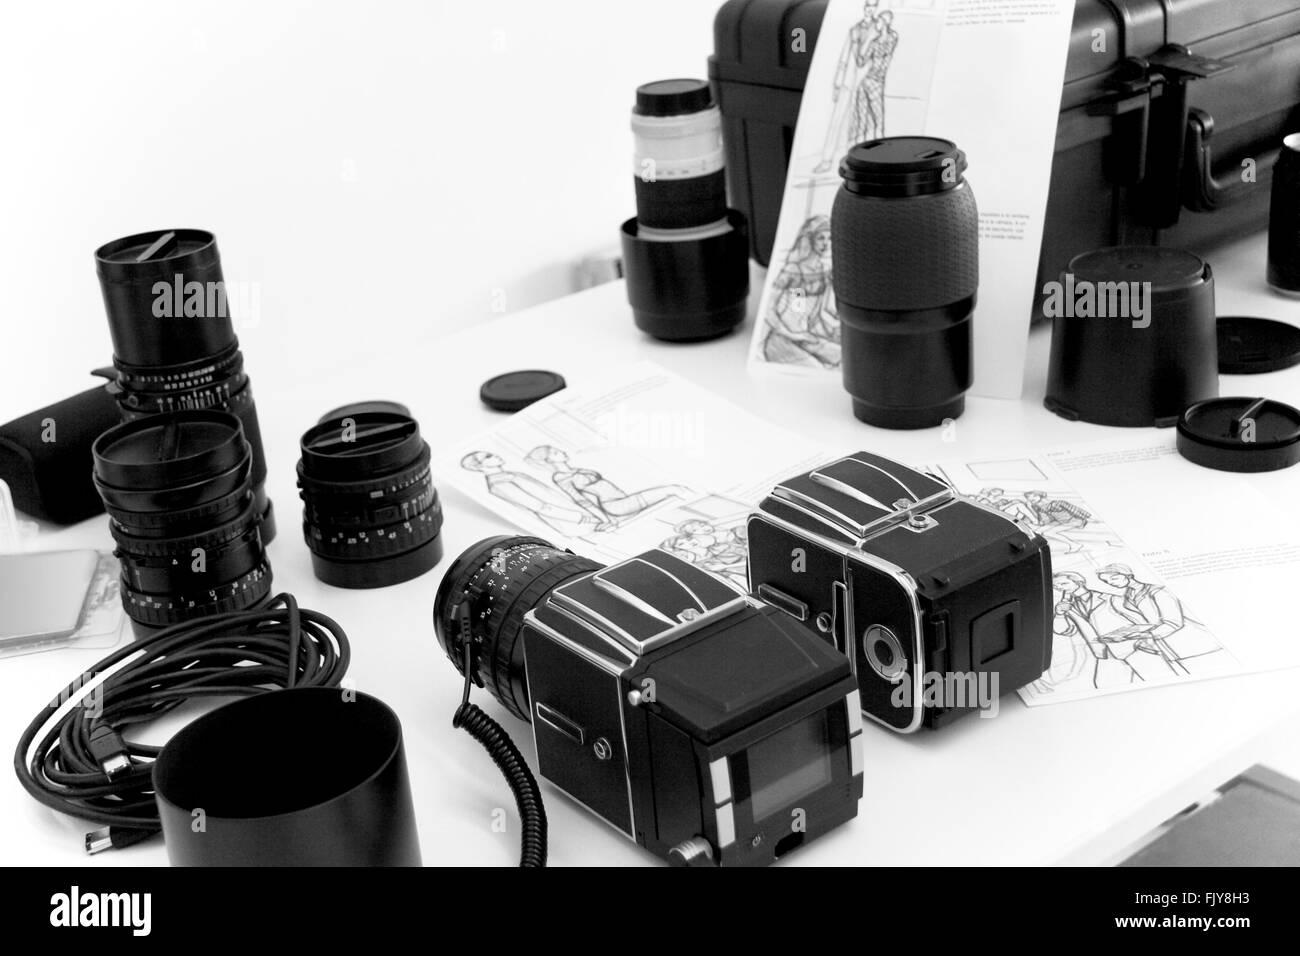 Datazione telecamere Graflex